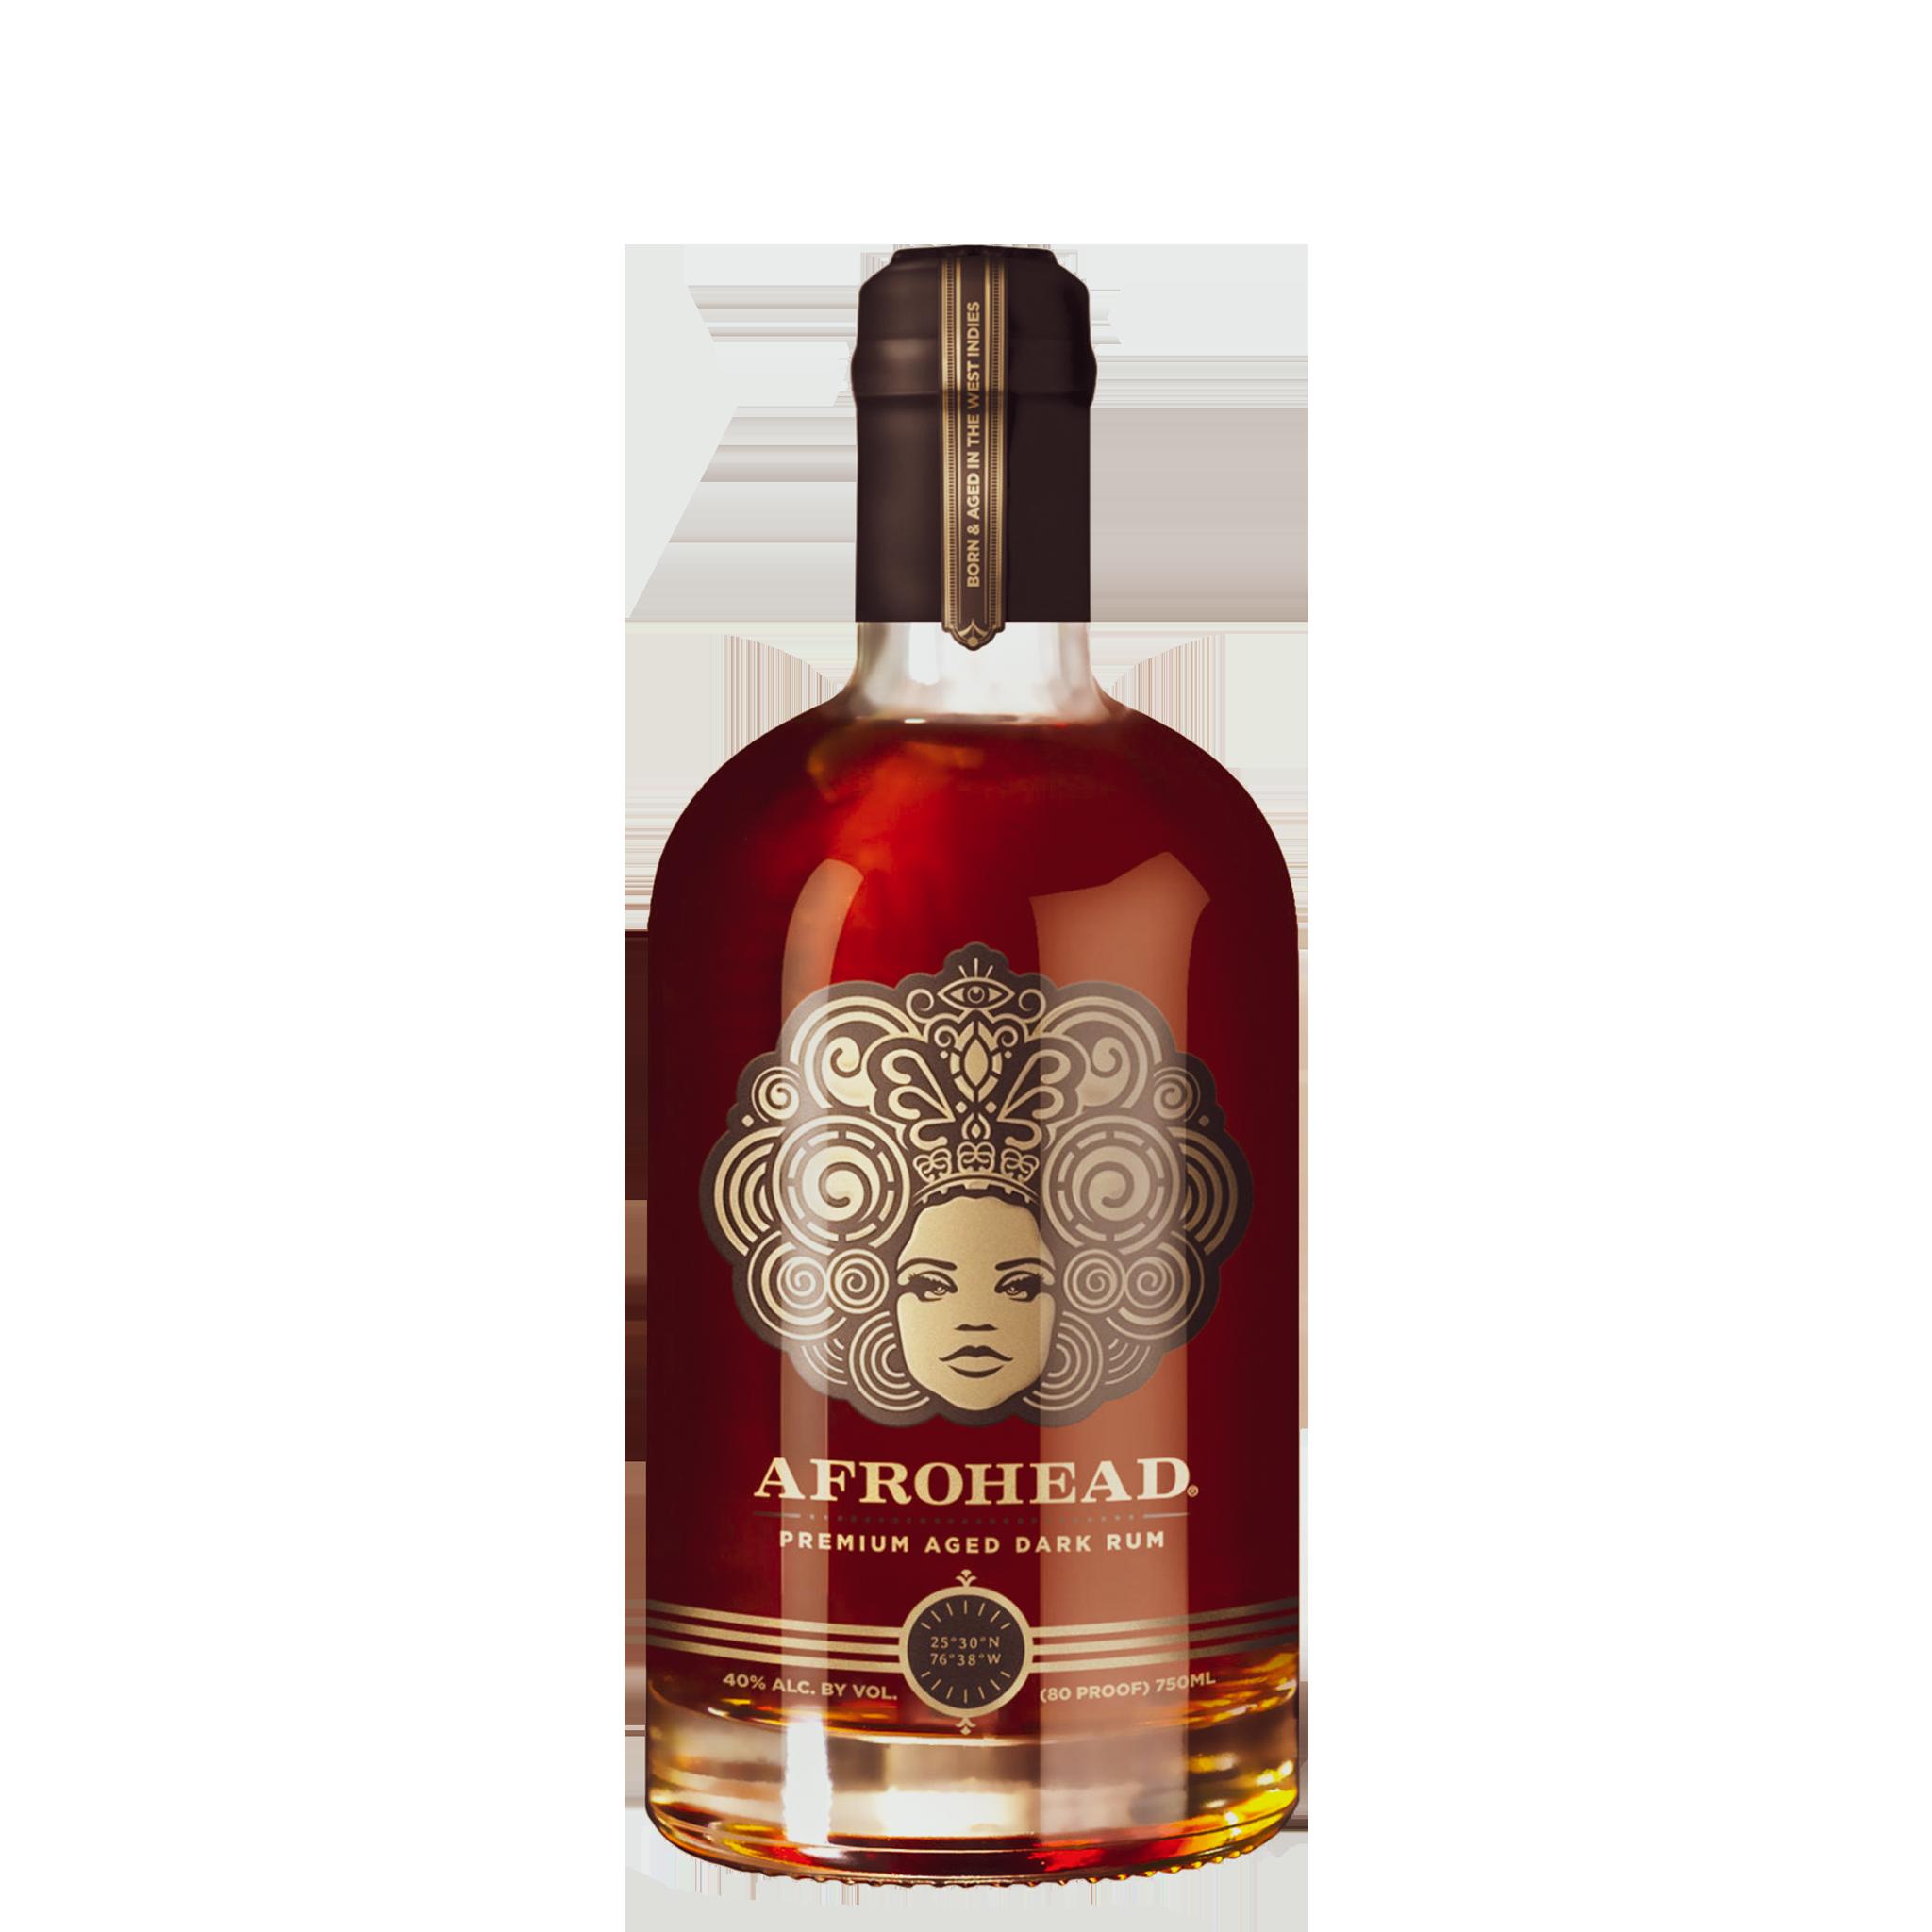 afrohead dark rum